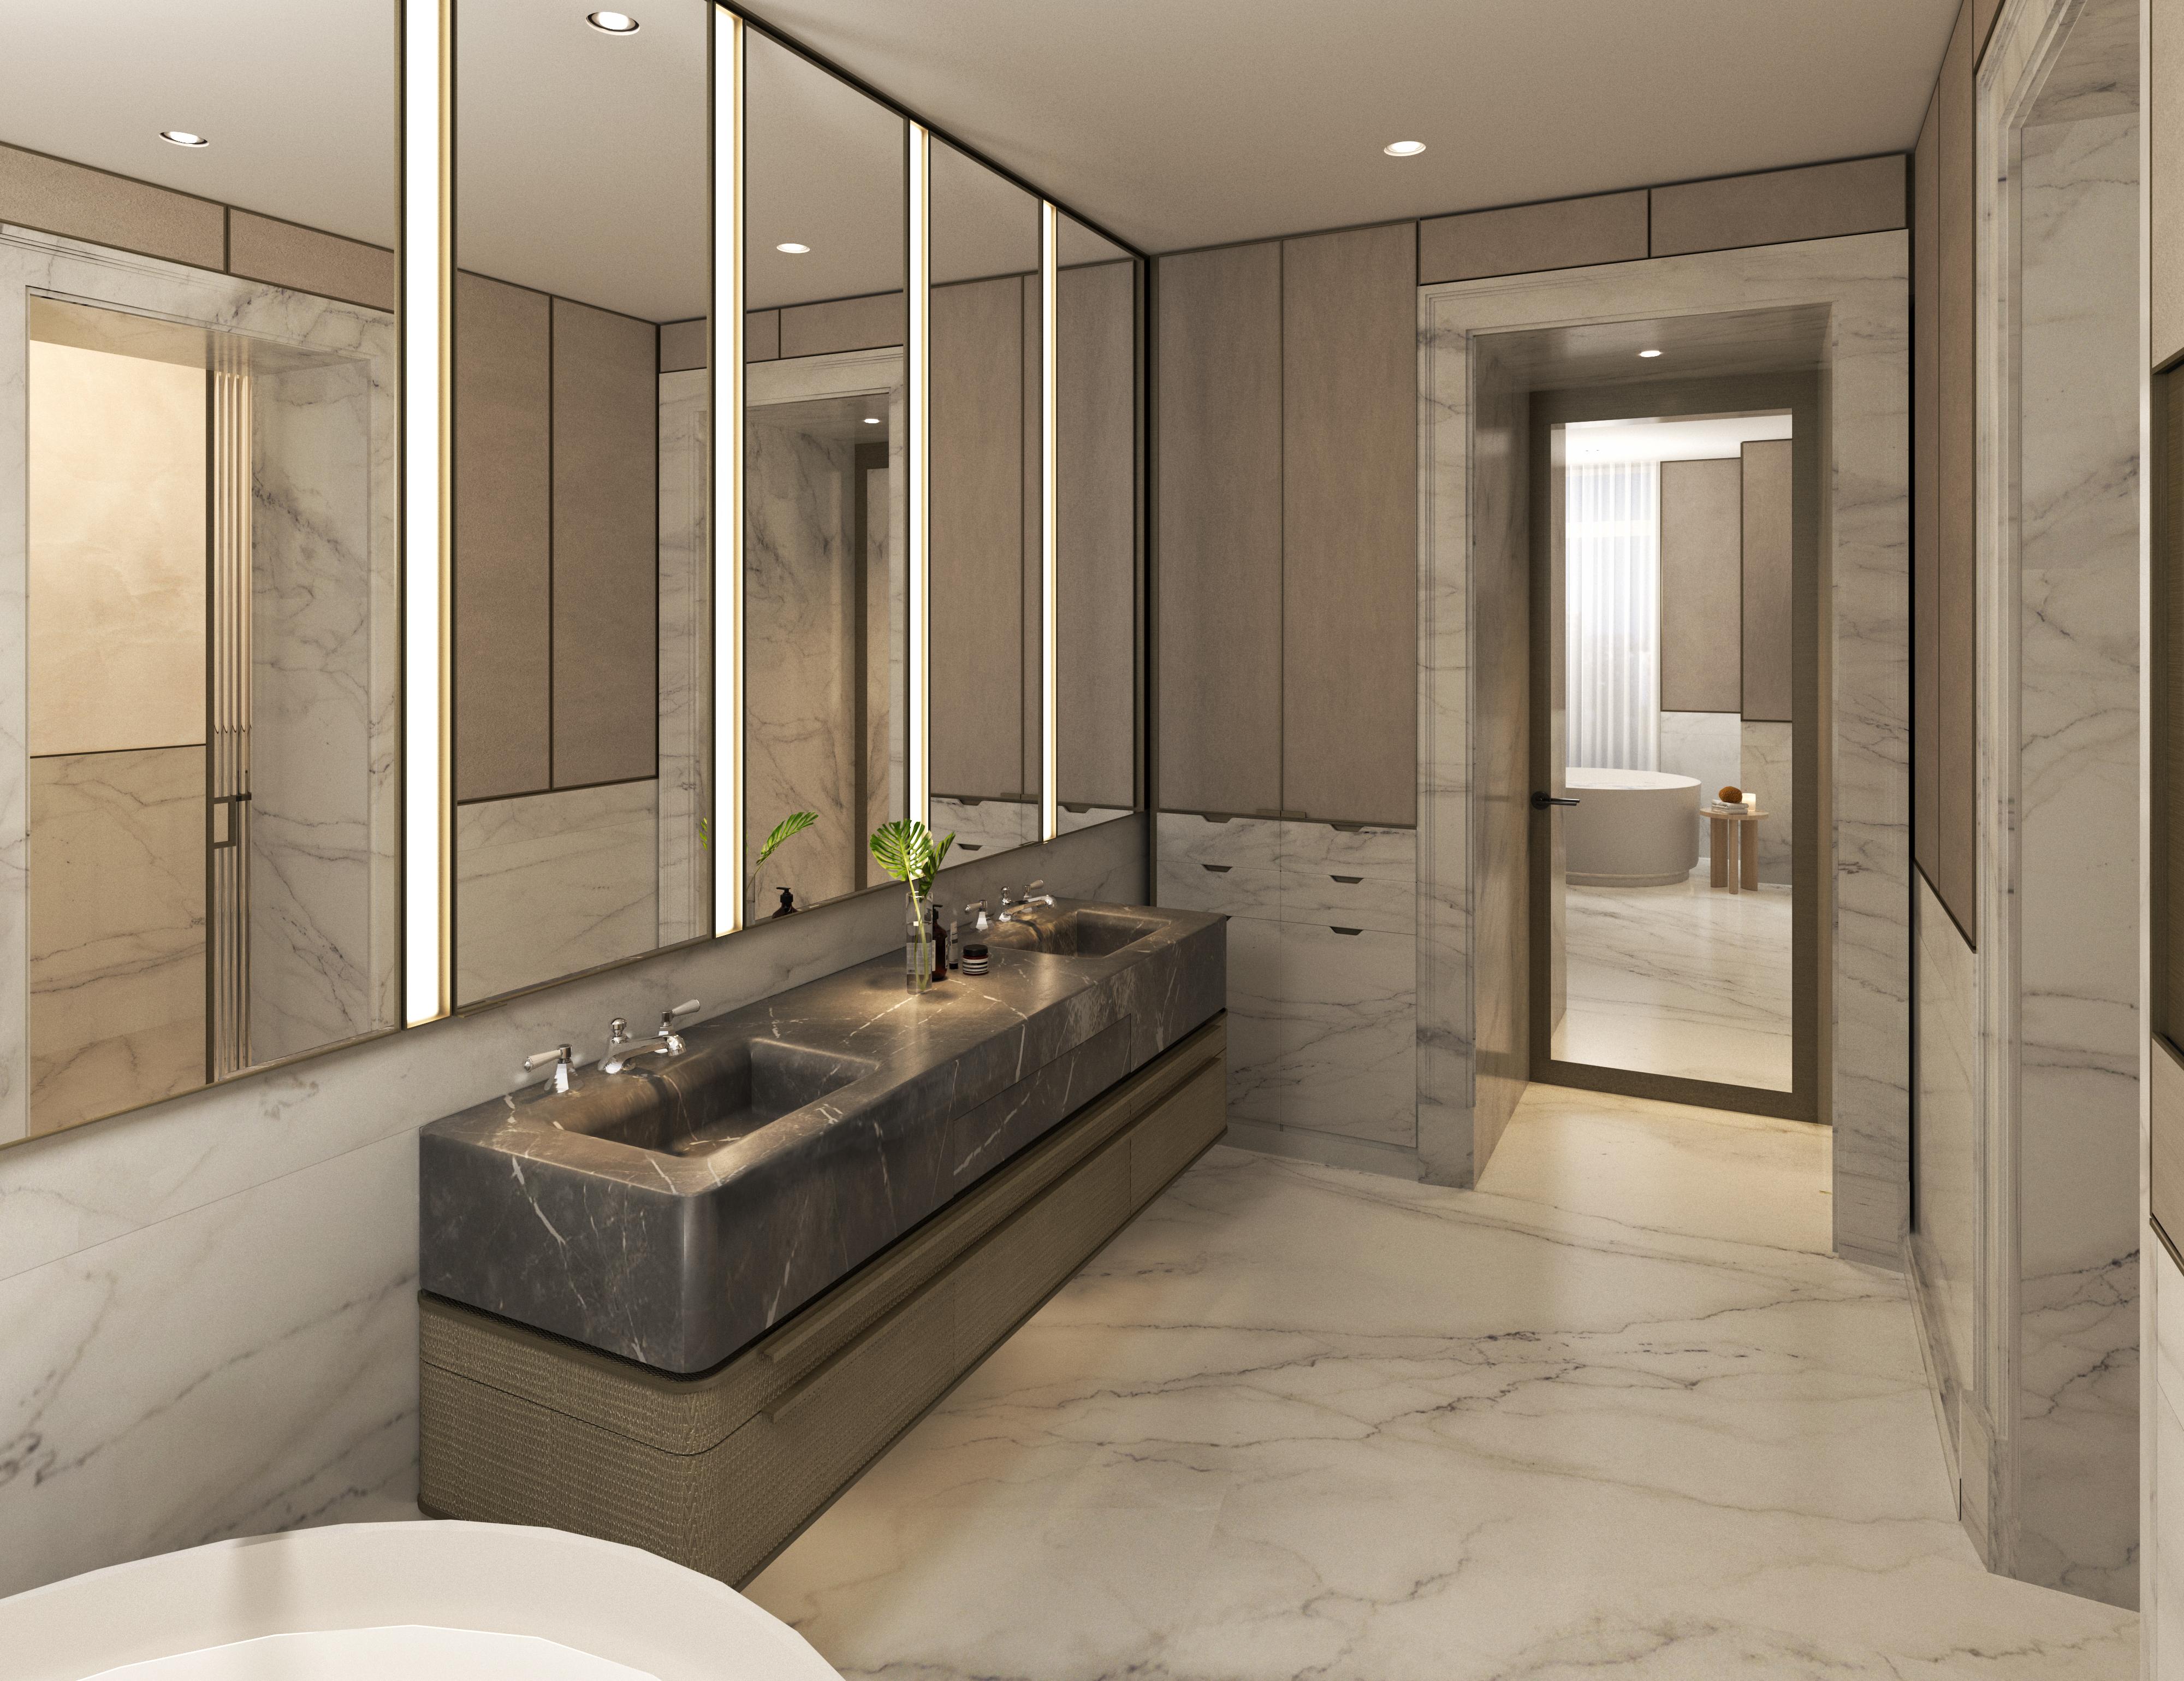 condo 1 - master bathroom (view 1)